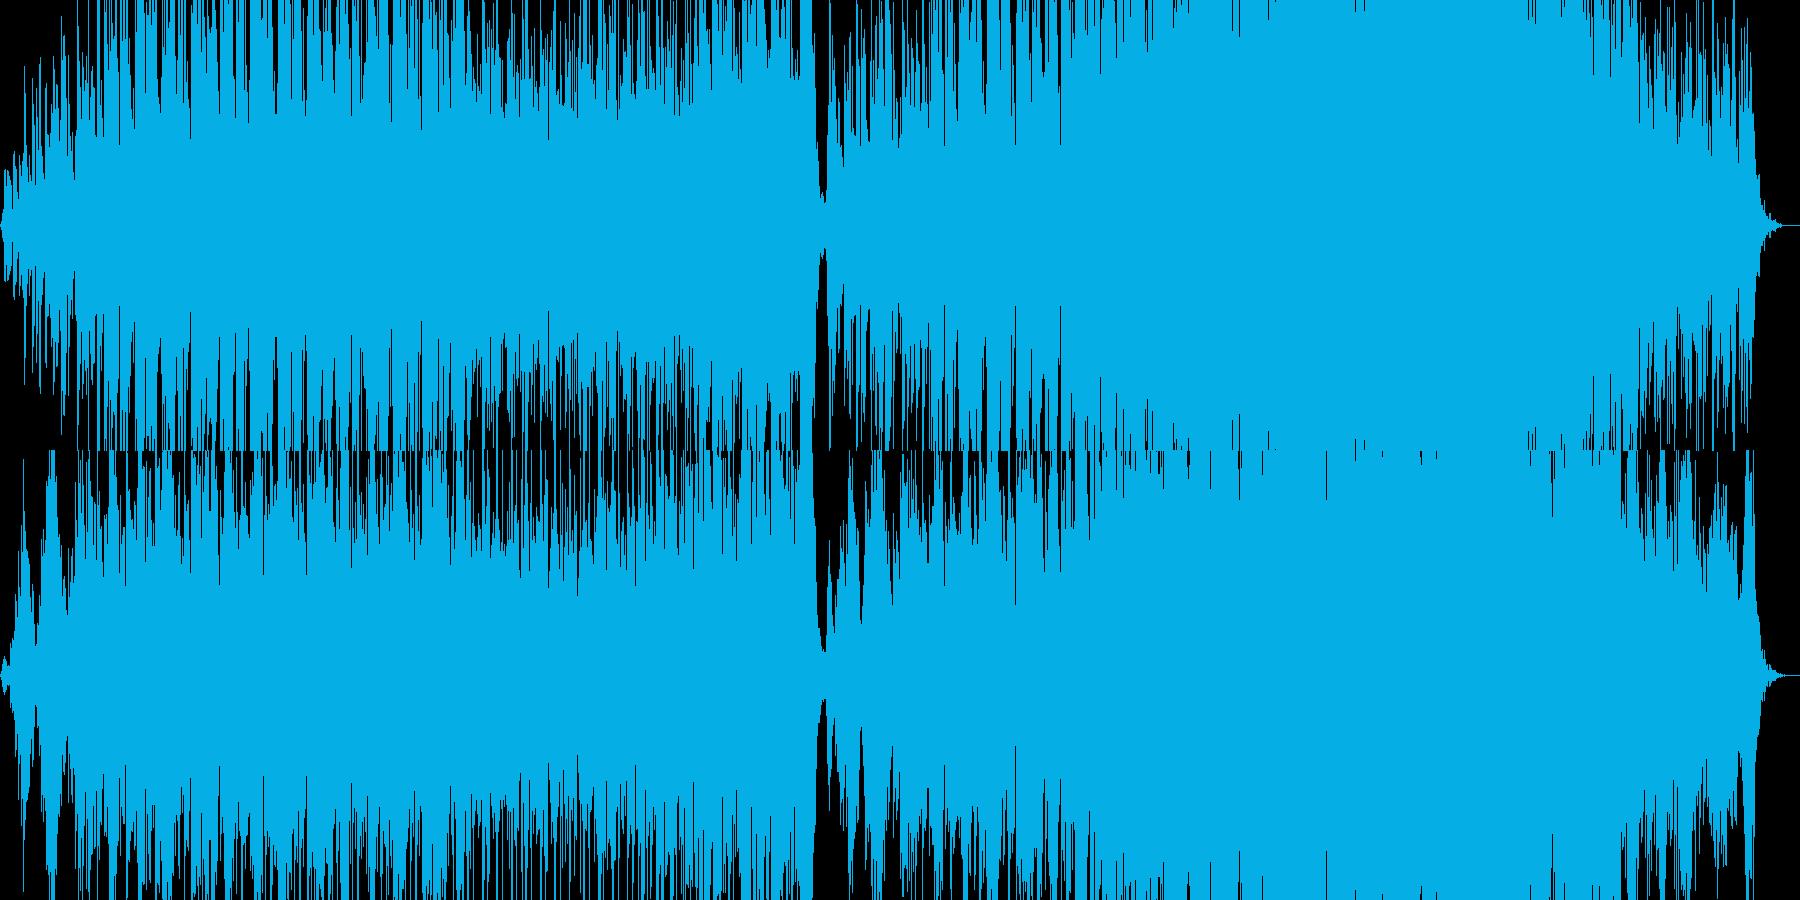 落ち着いた、ゆったり雰囲気の電子音楽の再生済みの波形